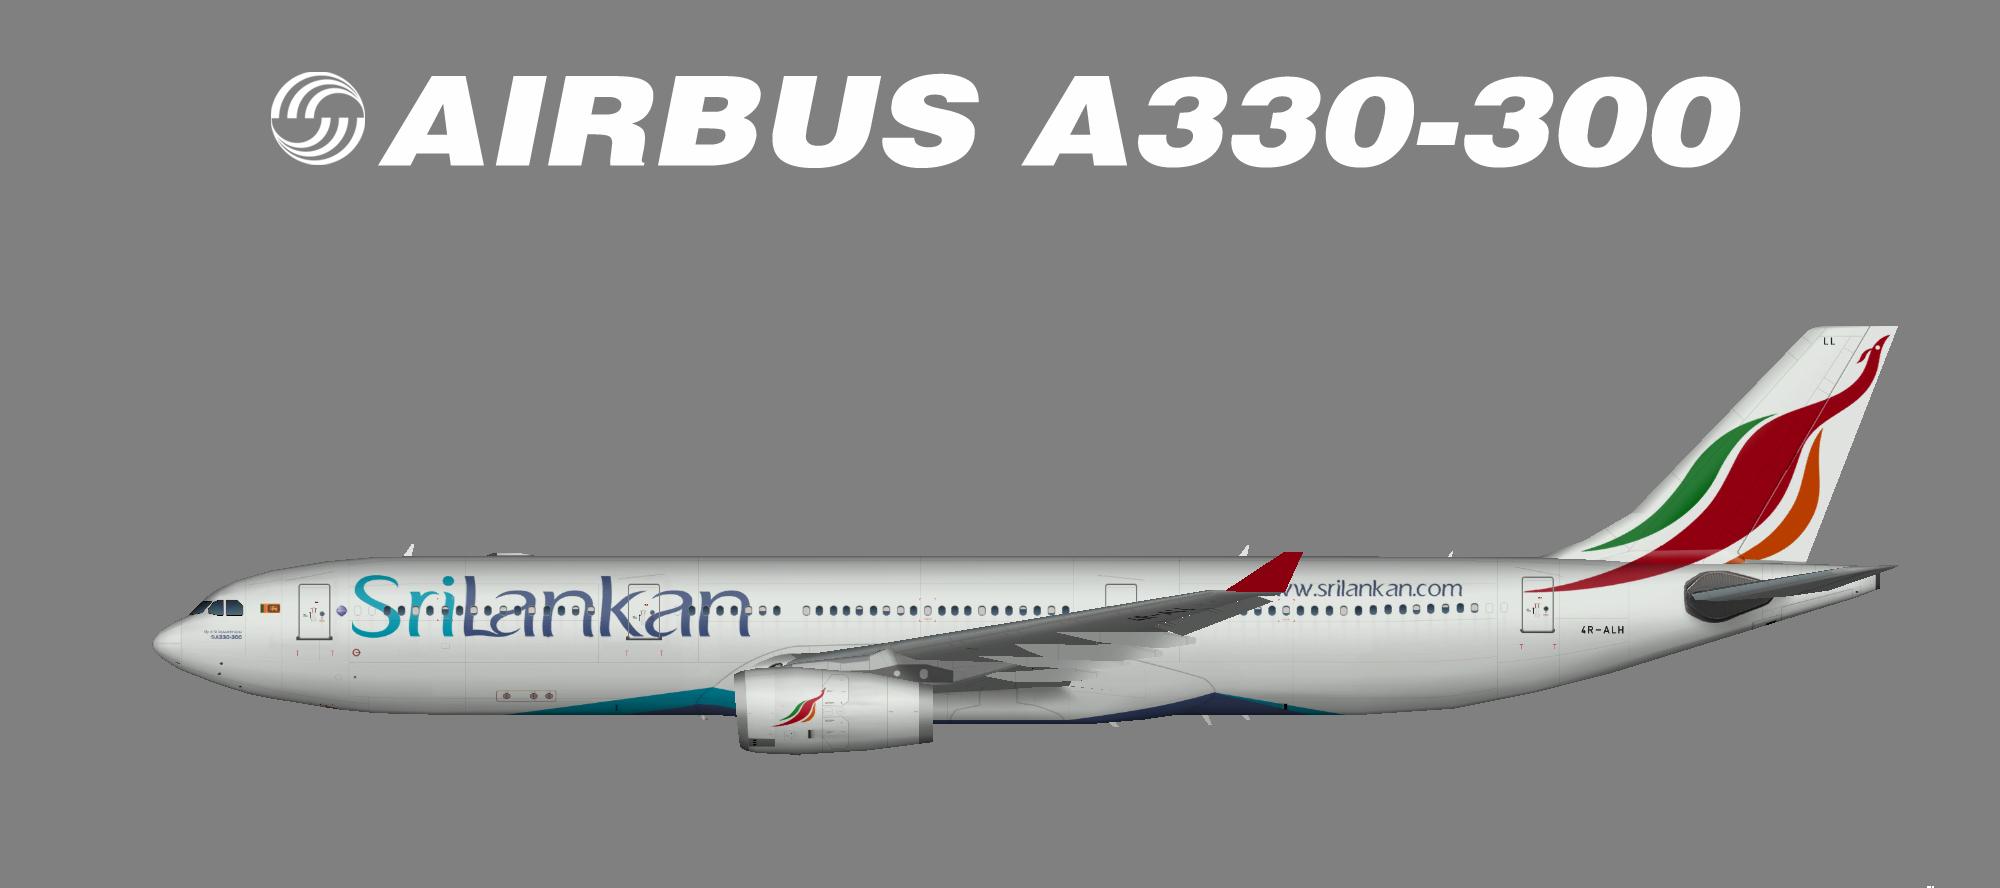 SriLankan A330-300